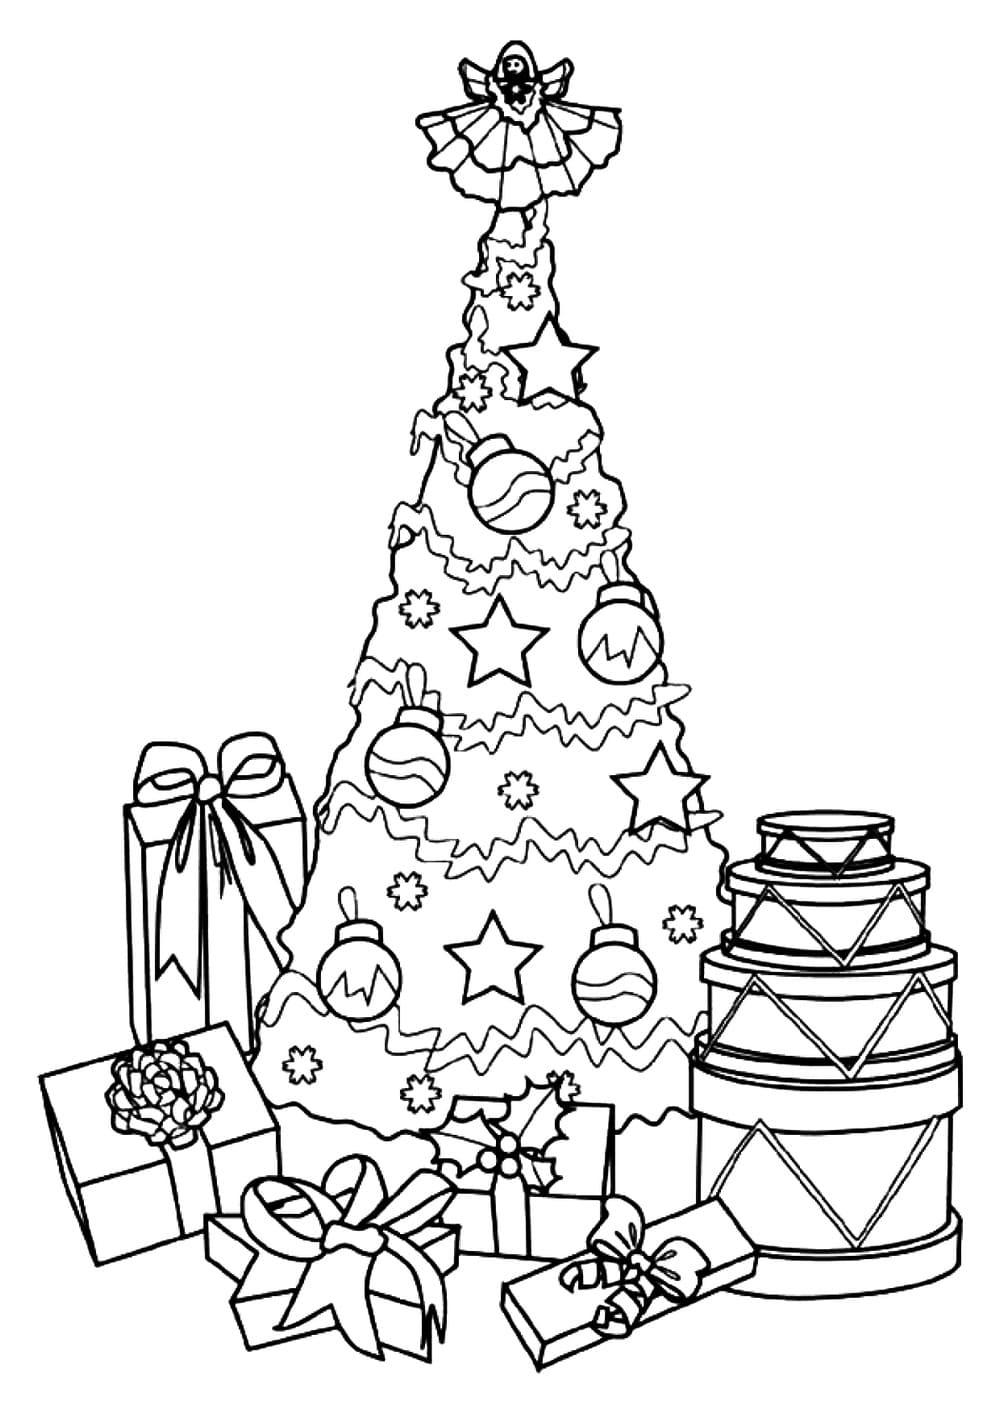 ausmalbilder geschenk. weihnachtsgeschenke zum drucken